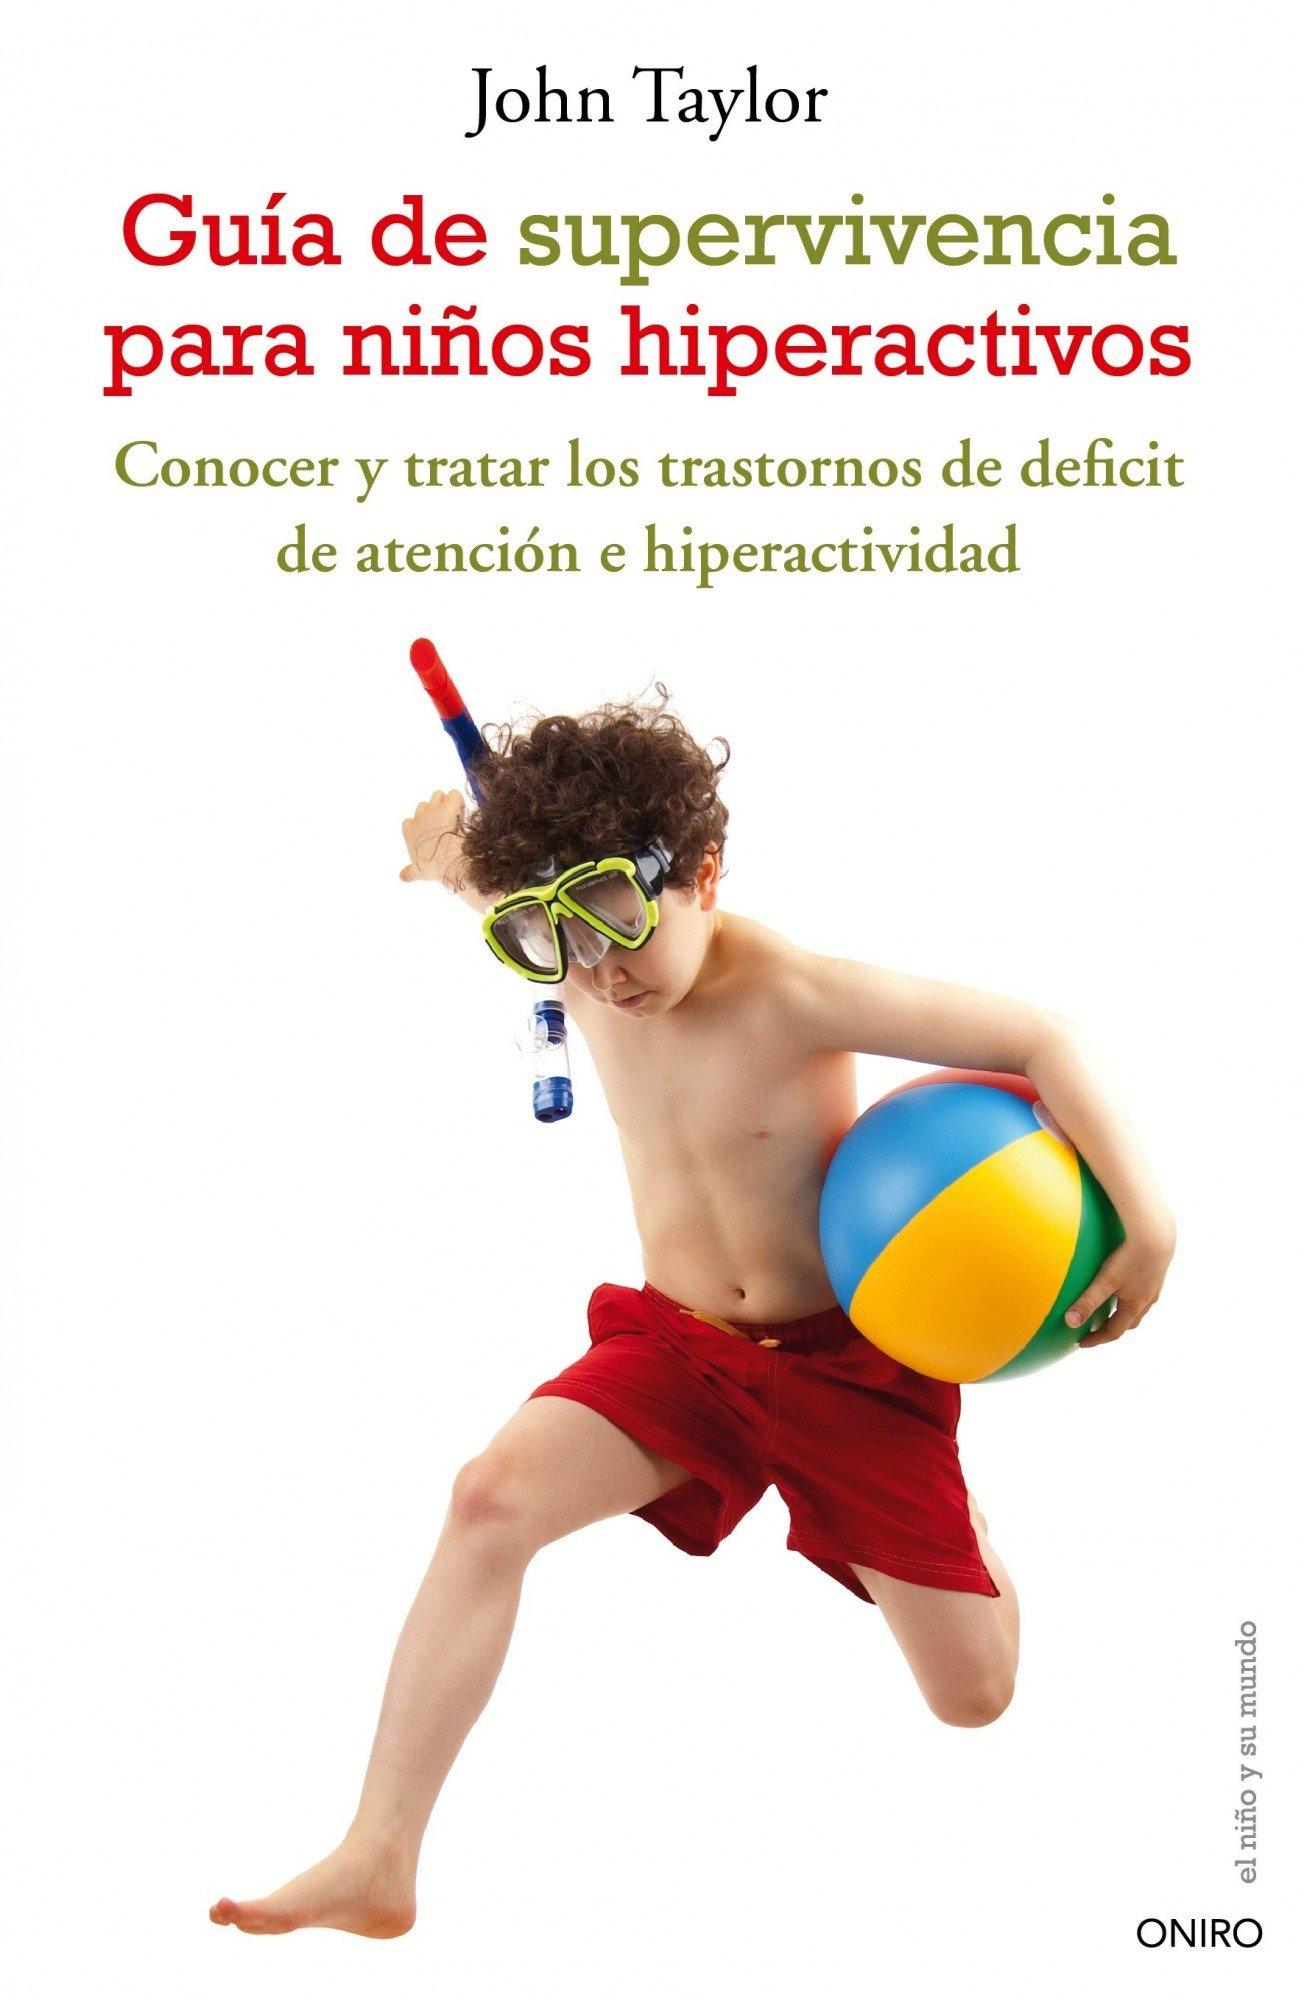 Guía de supervivencia para niños hiperactivos (Spanish) Paperback – September 3, 2010